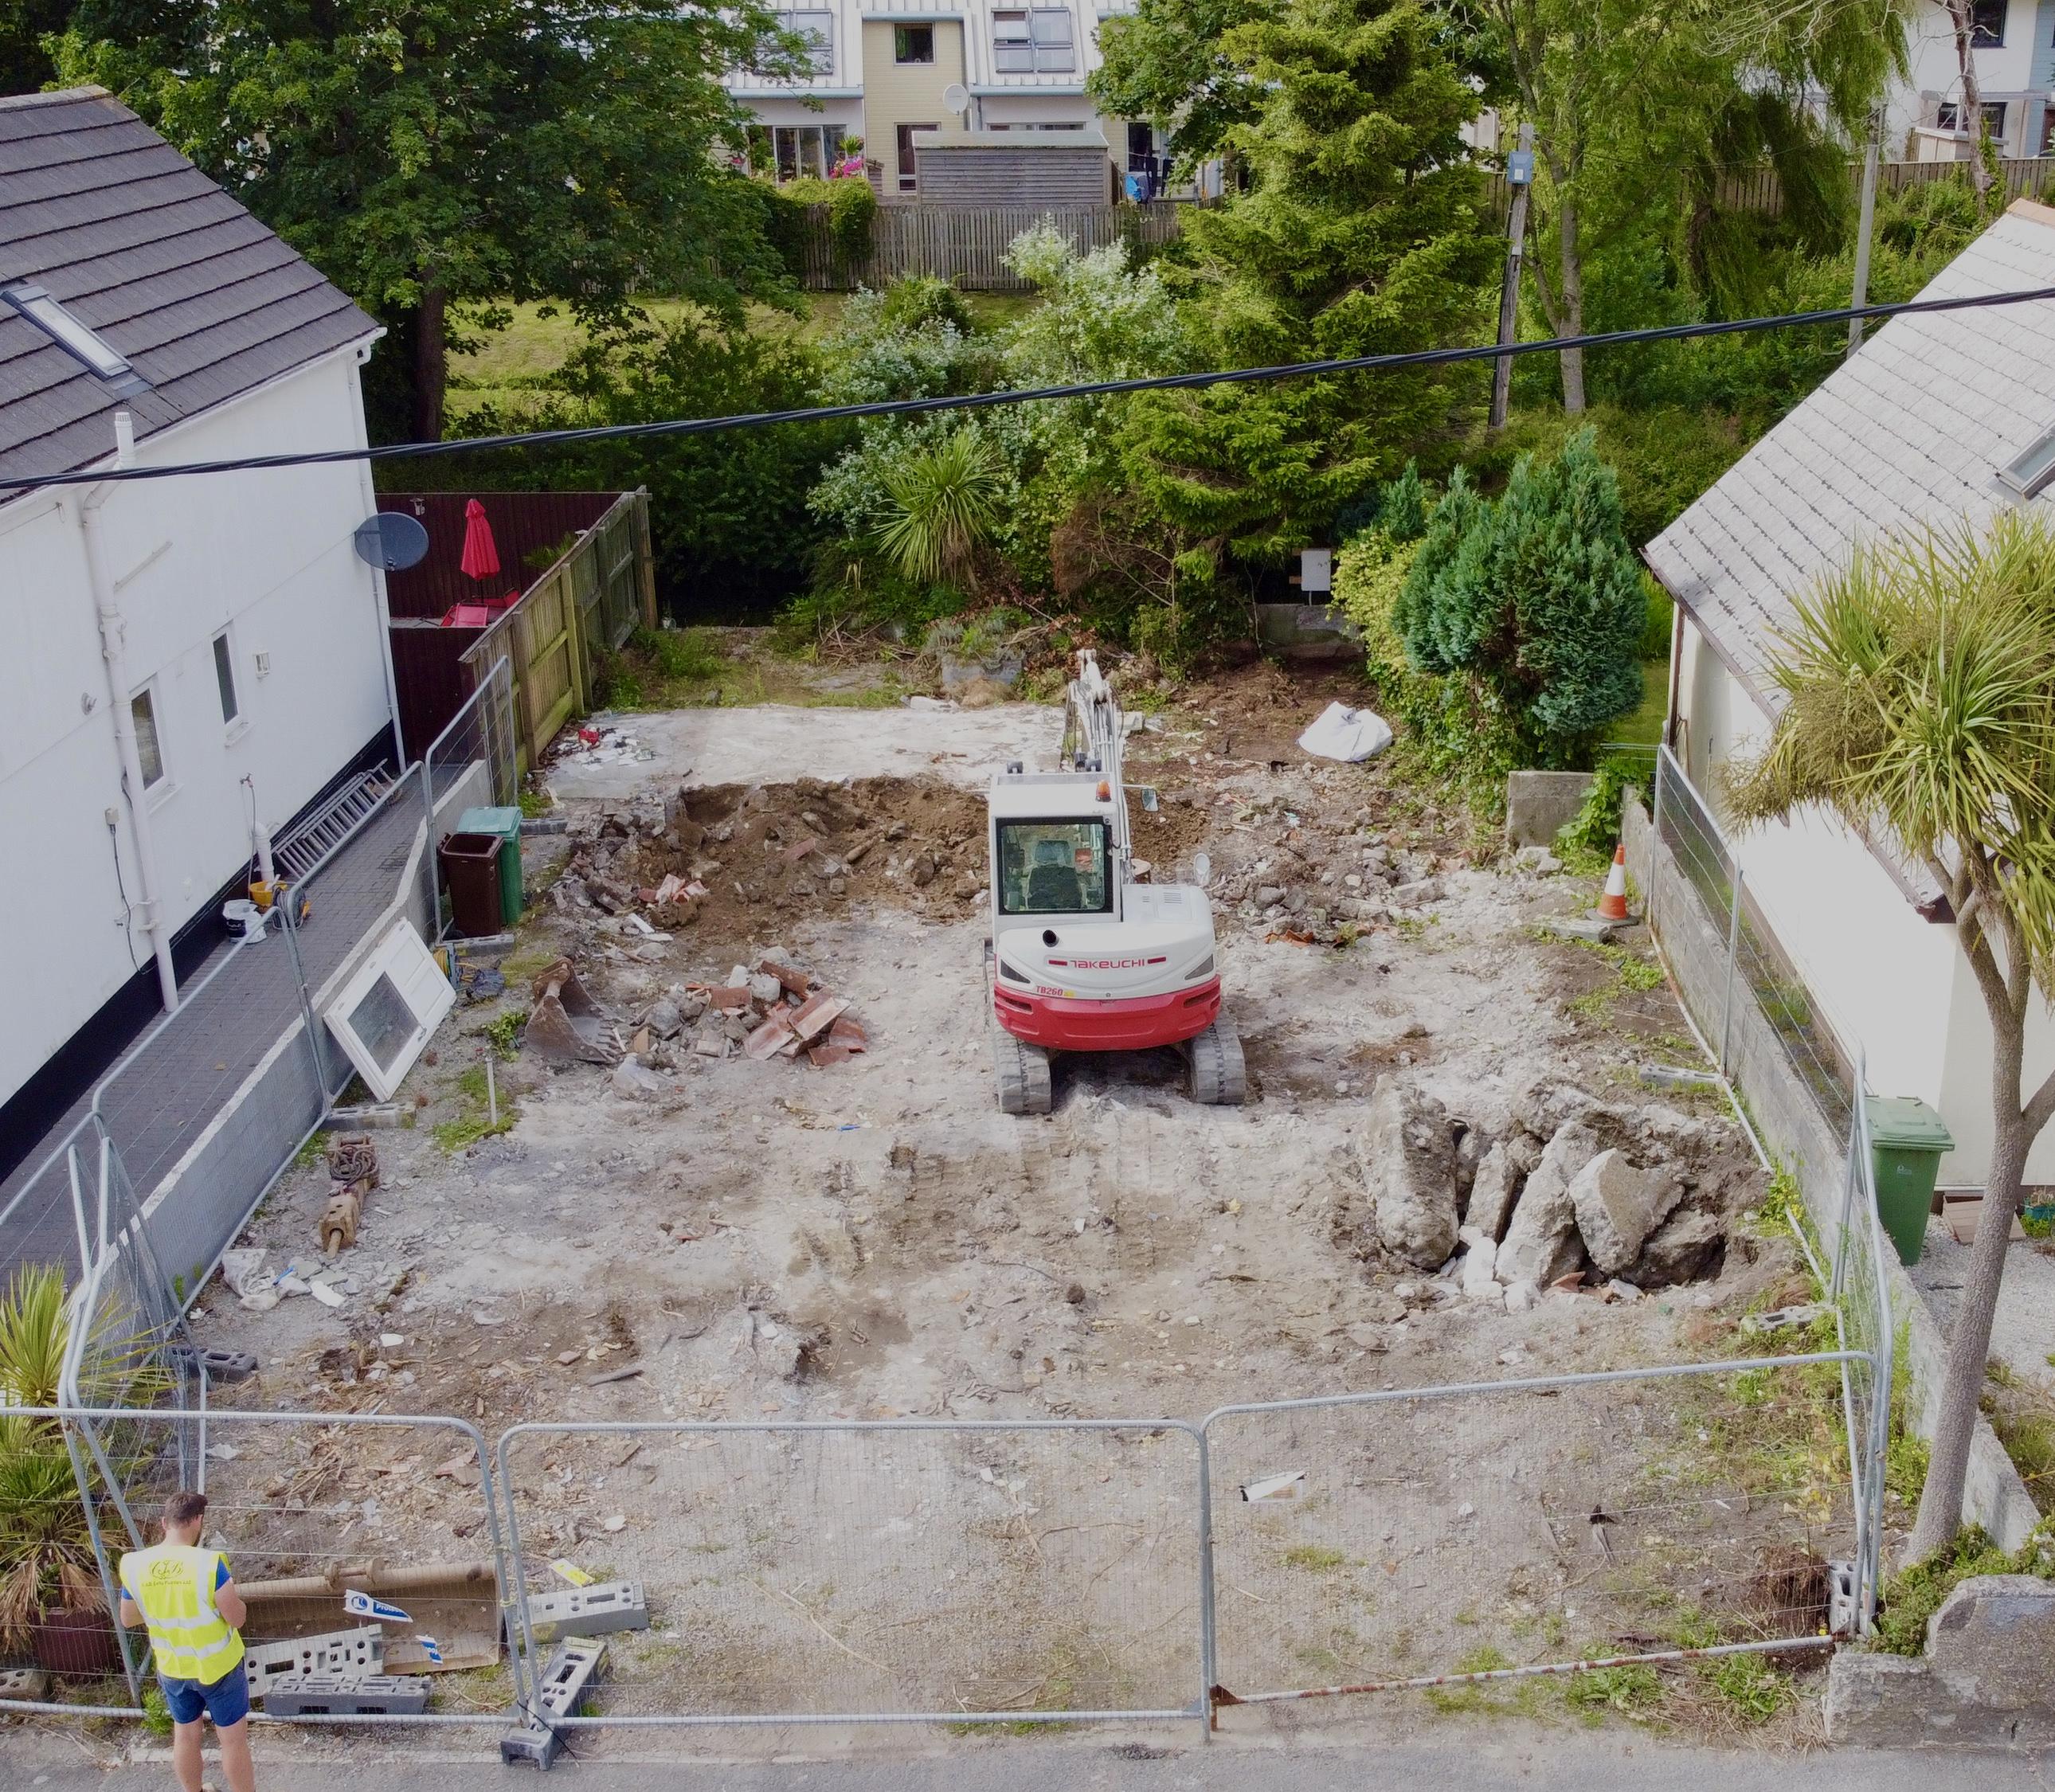 Hayle Demolition 3 Days in